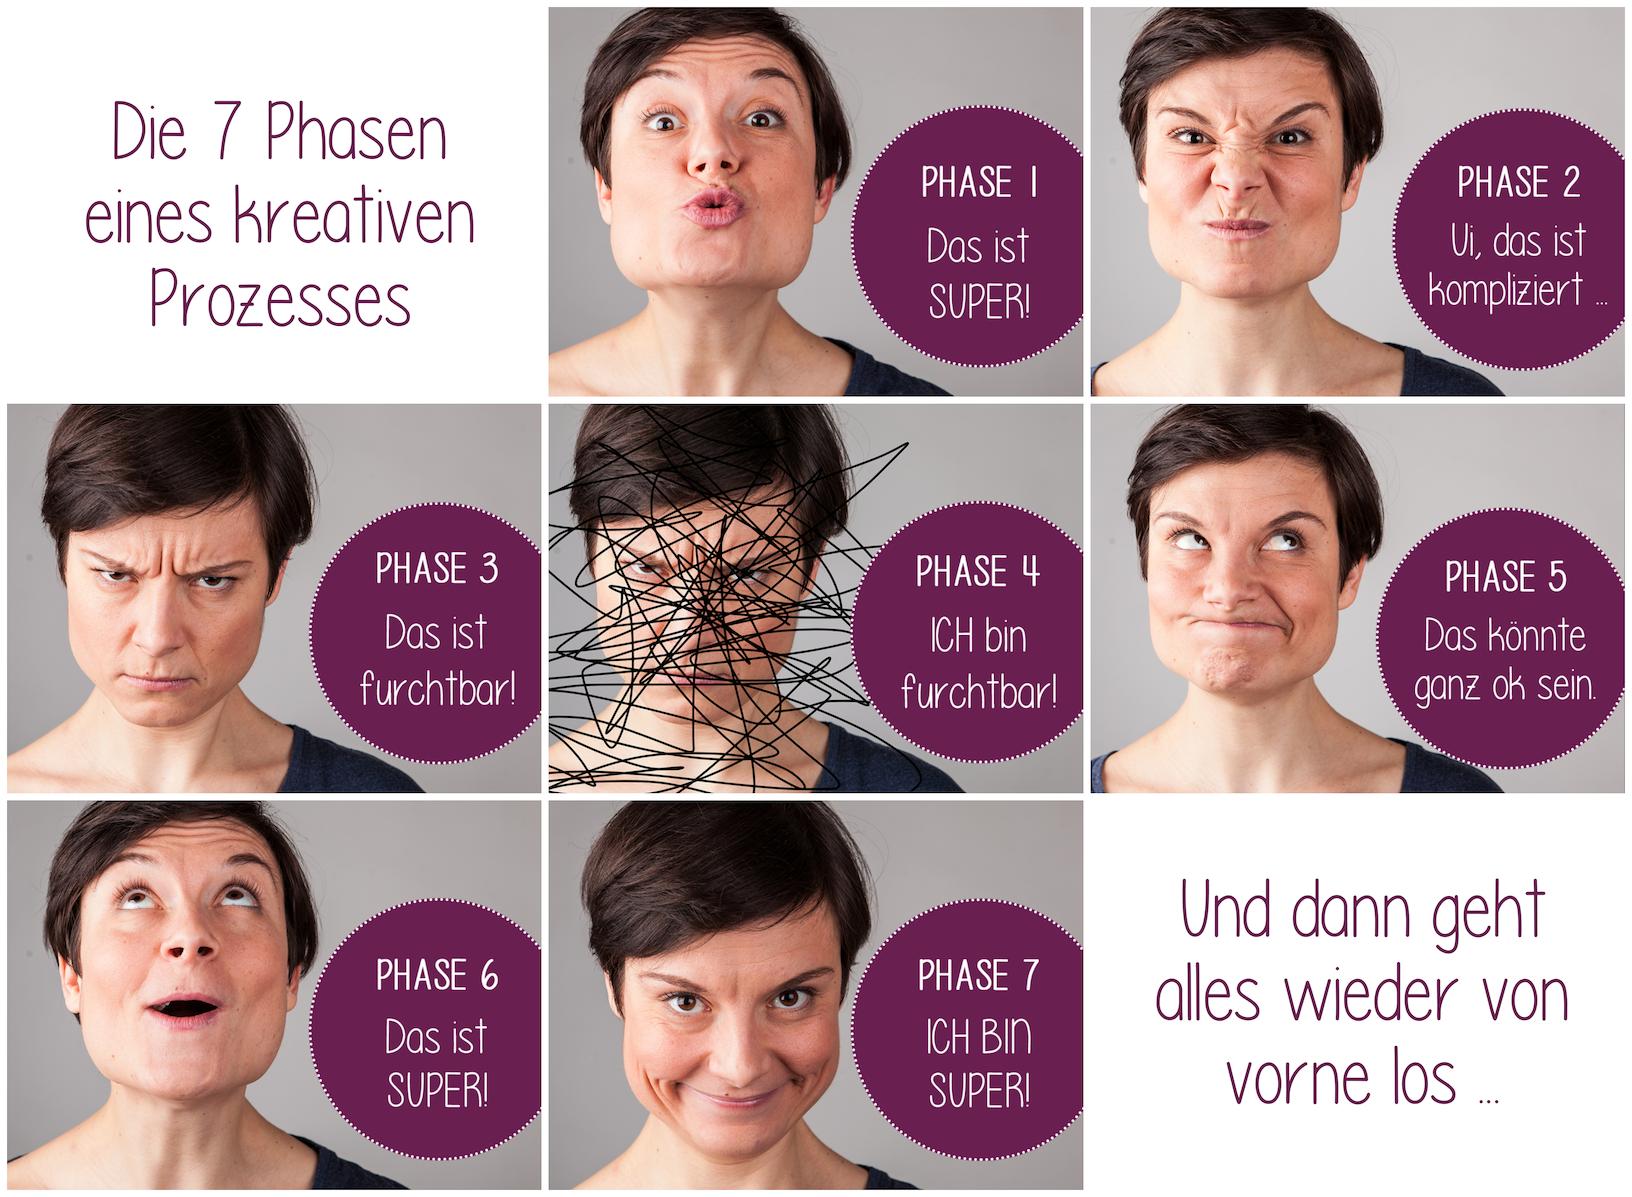 Die 7 Phasen eines kreativen Prozesses à la Lena Raubaum